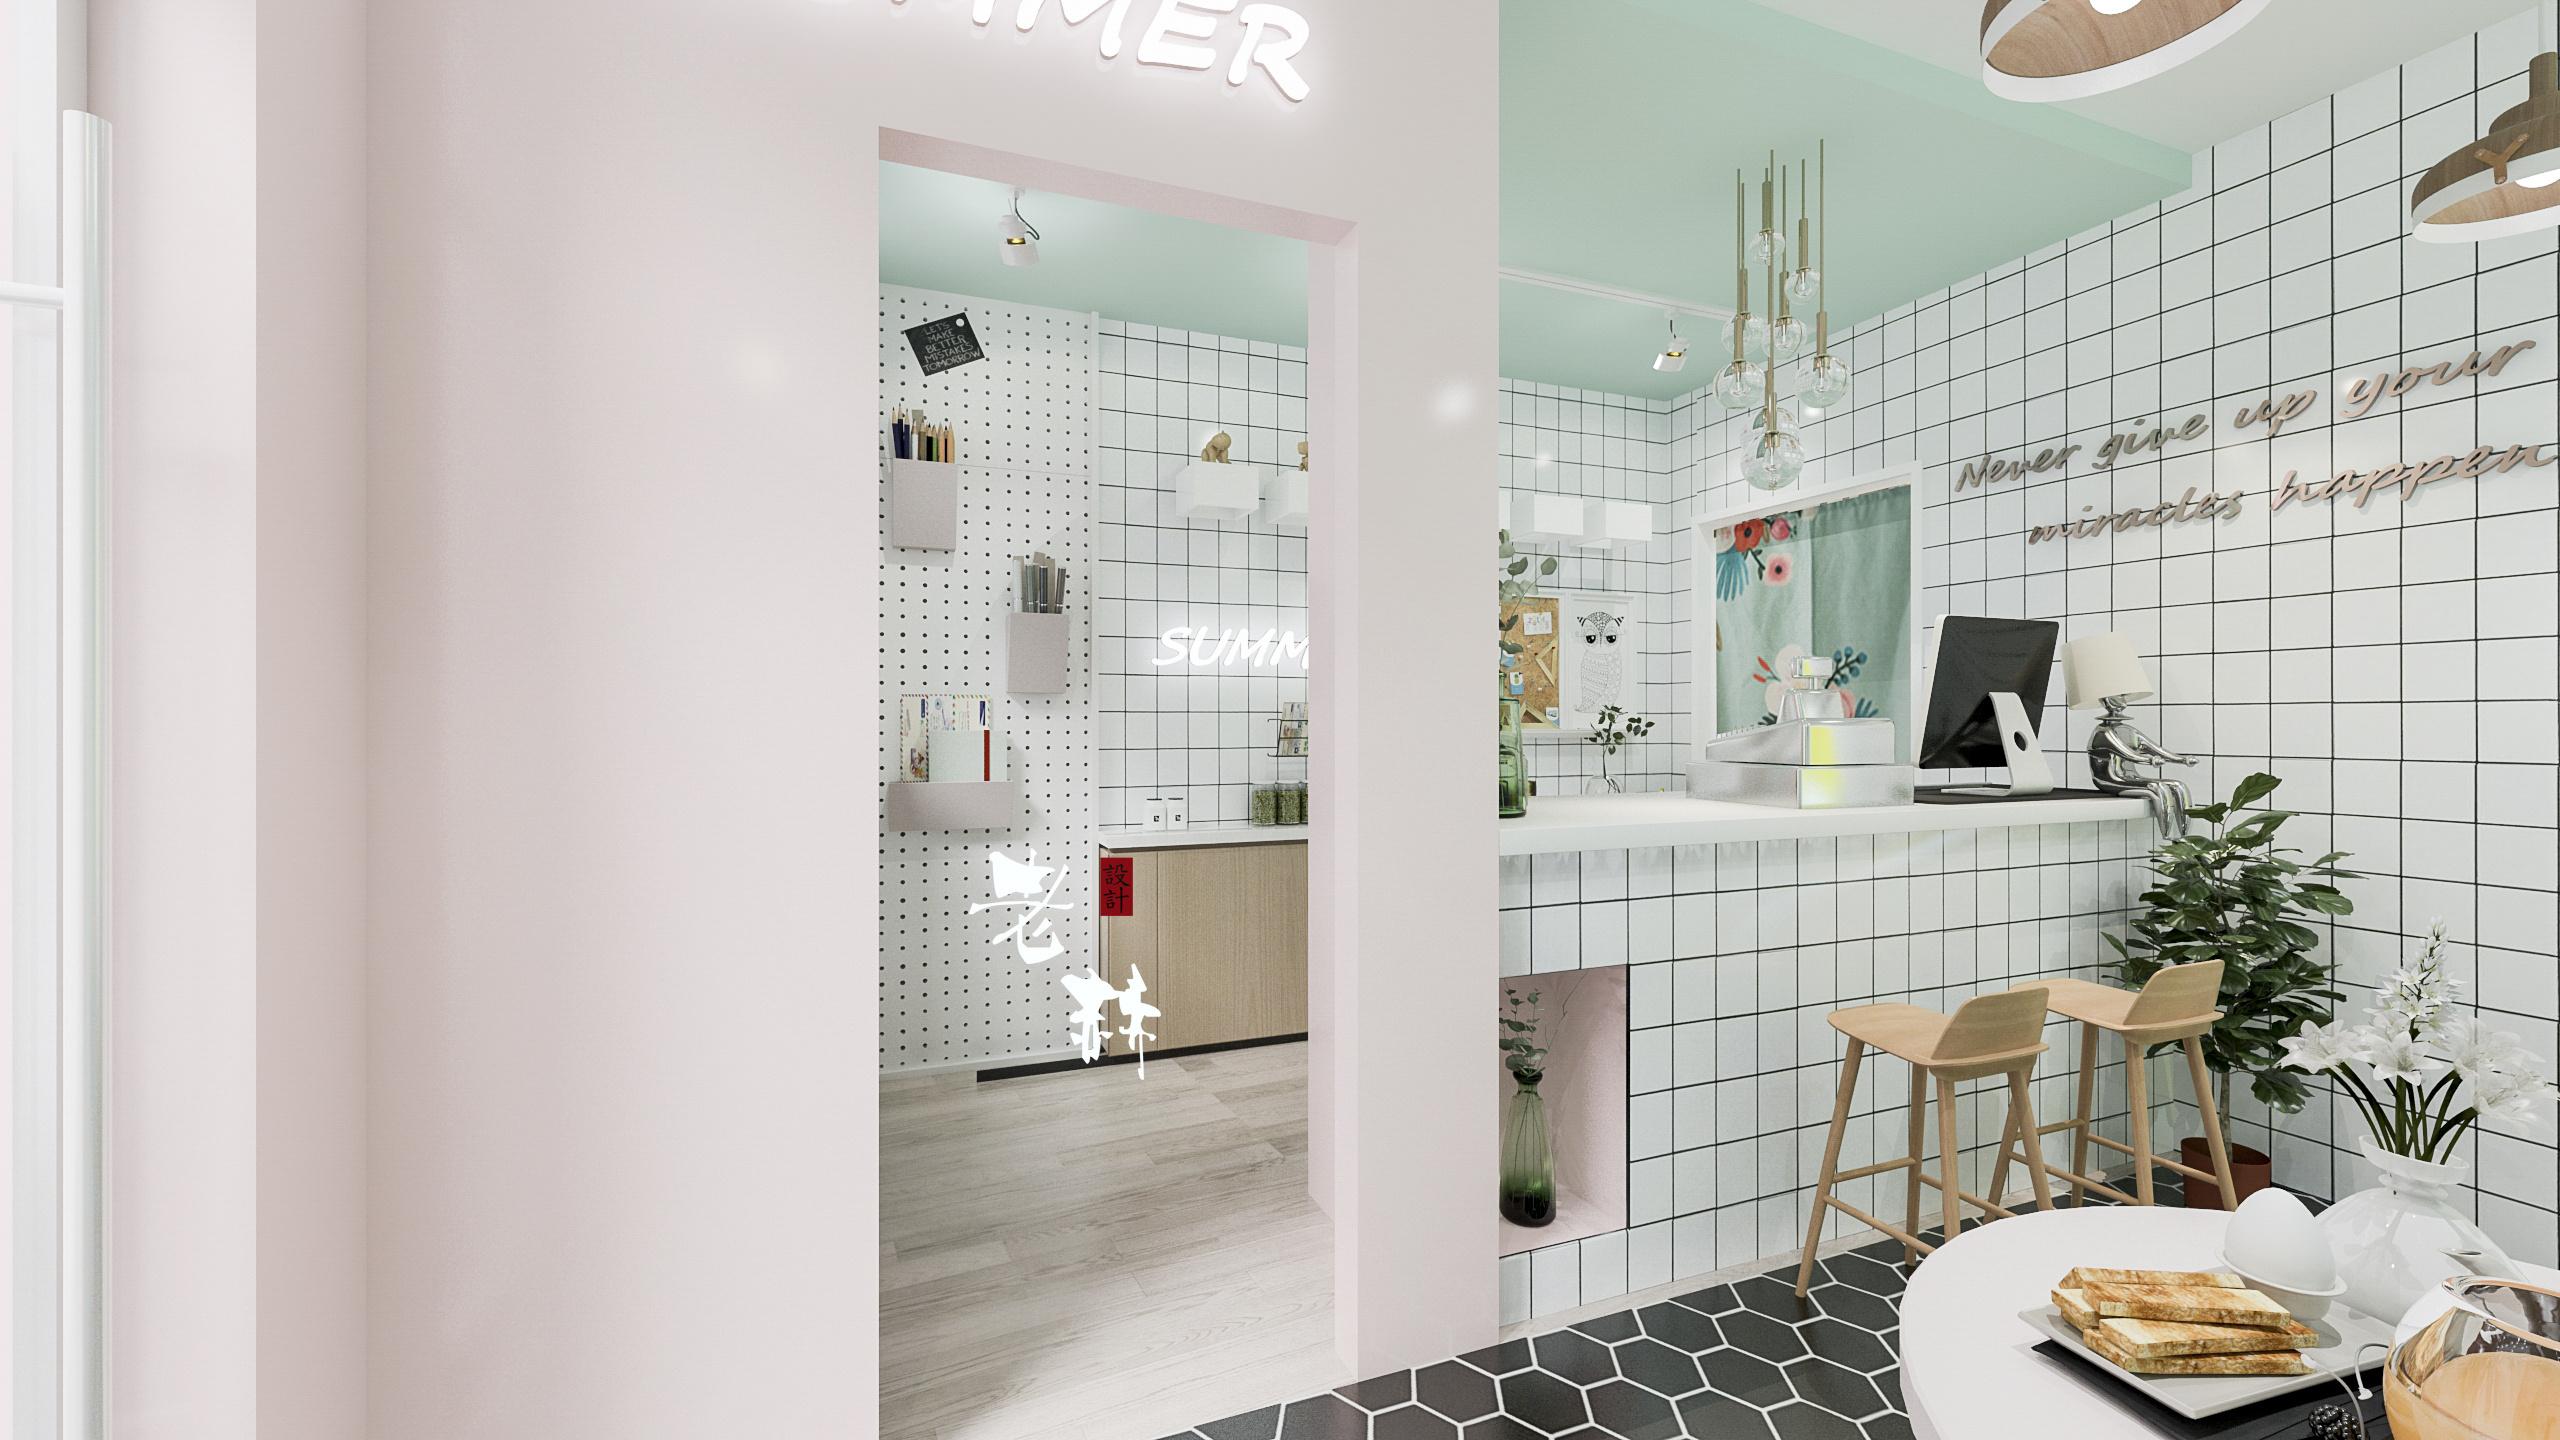 烘焙蛋糕店|空间|室内设计|rohenry - 原创作品